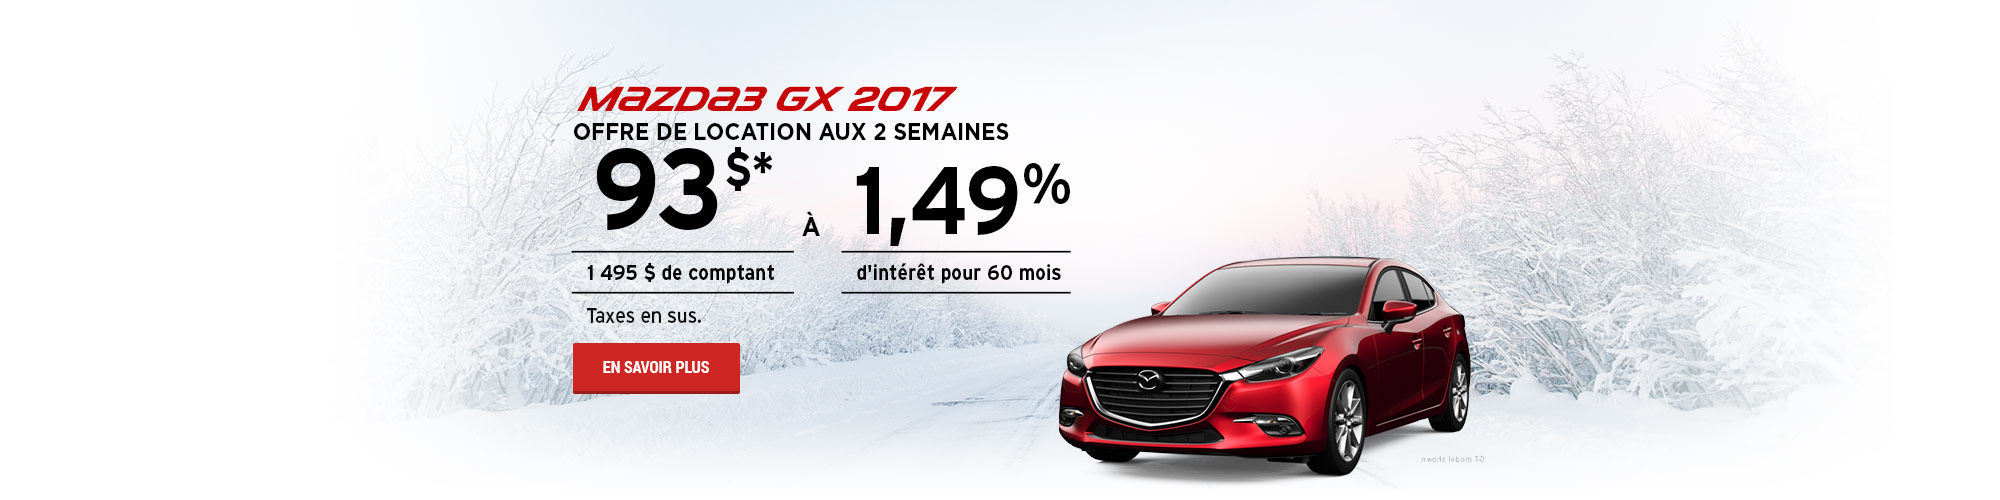 Prenez le contrôle avec la traction intégrale prédictive i-Activ - Mazda3